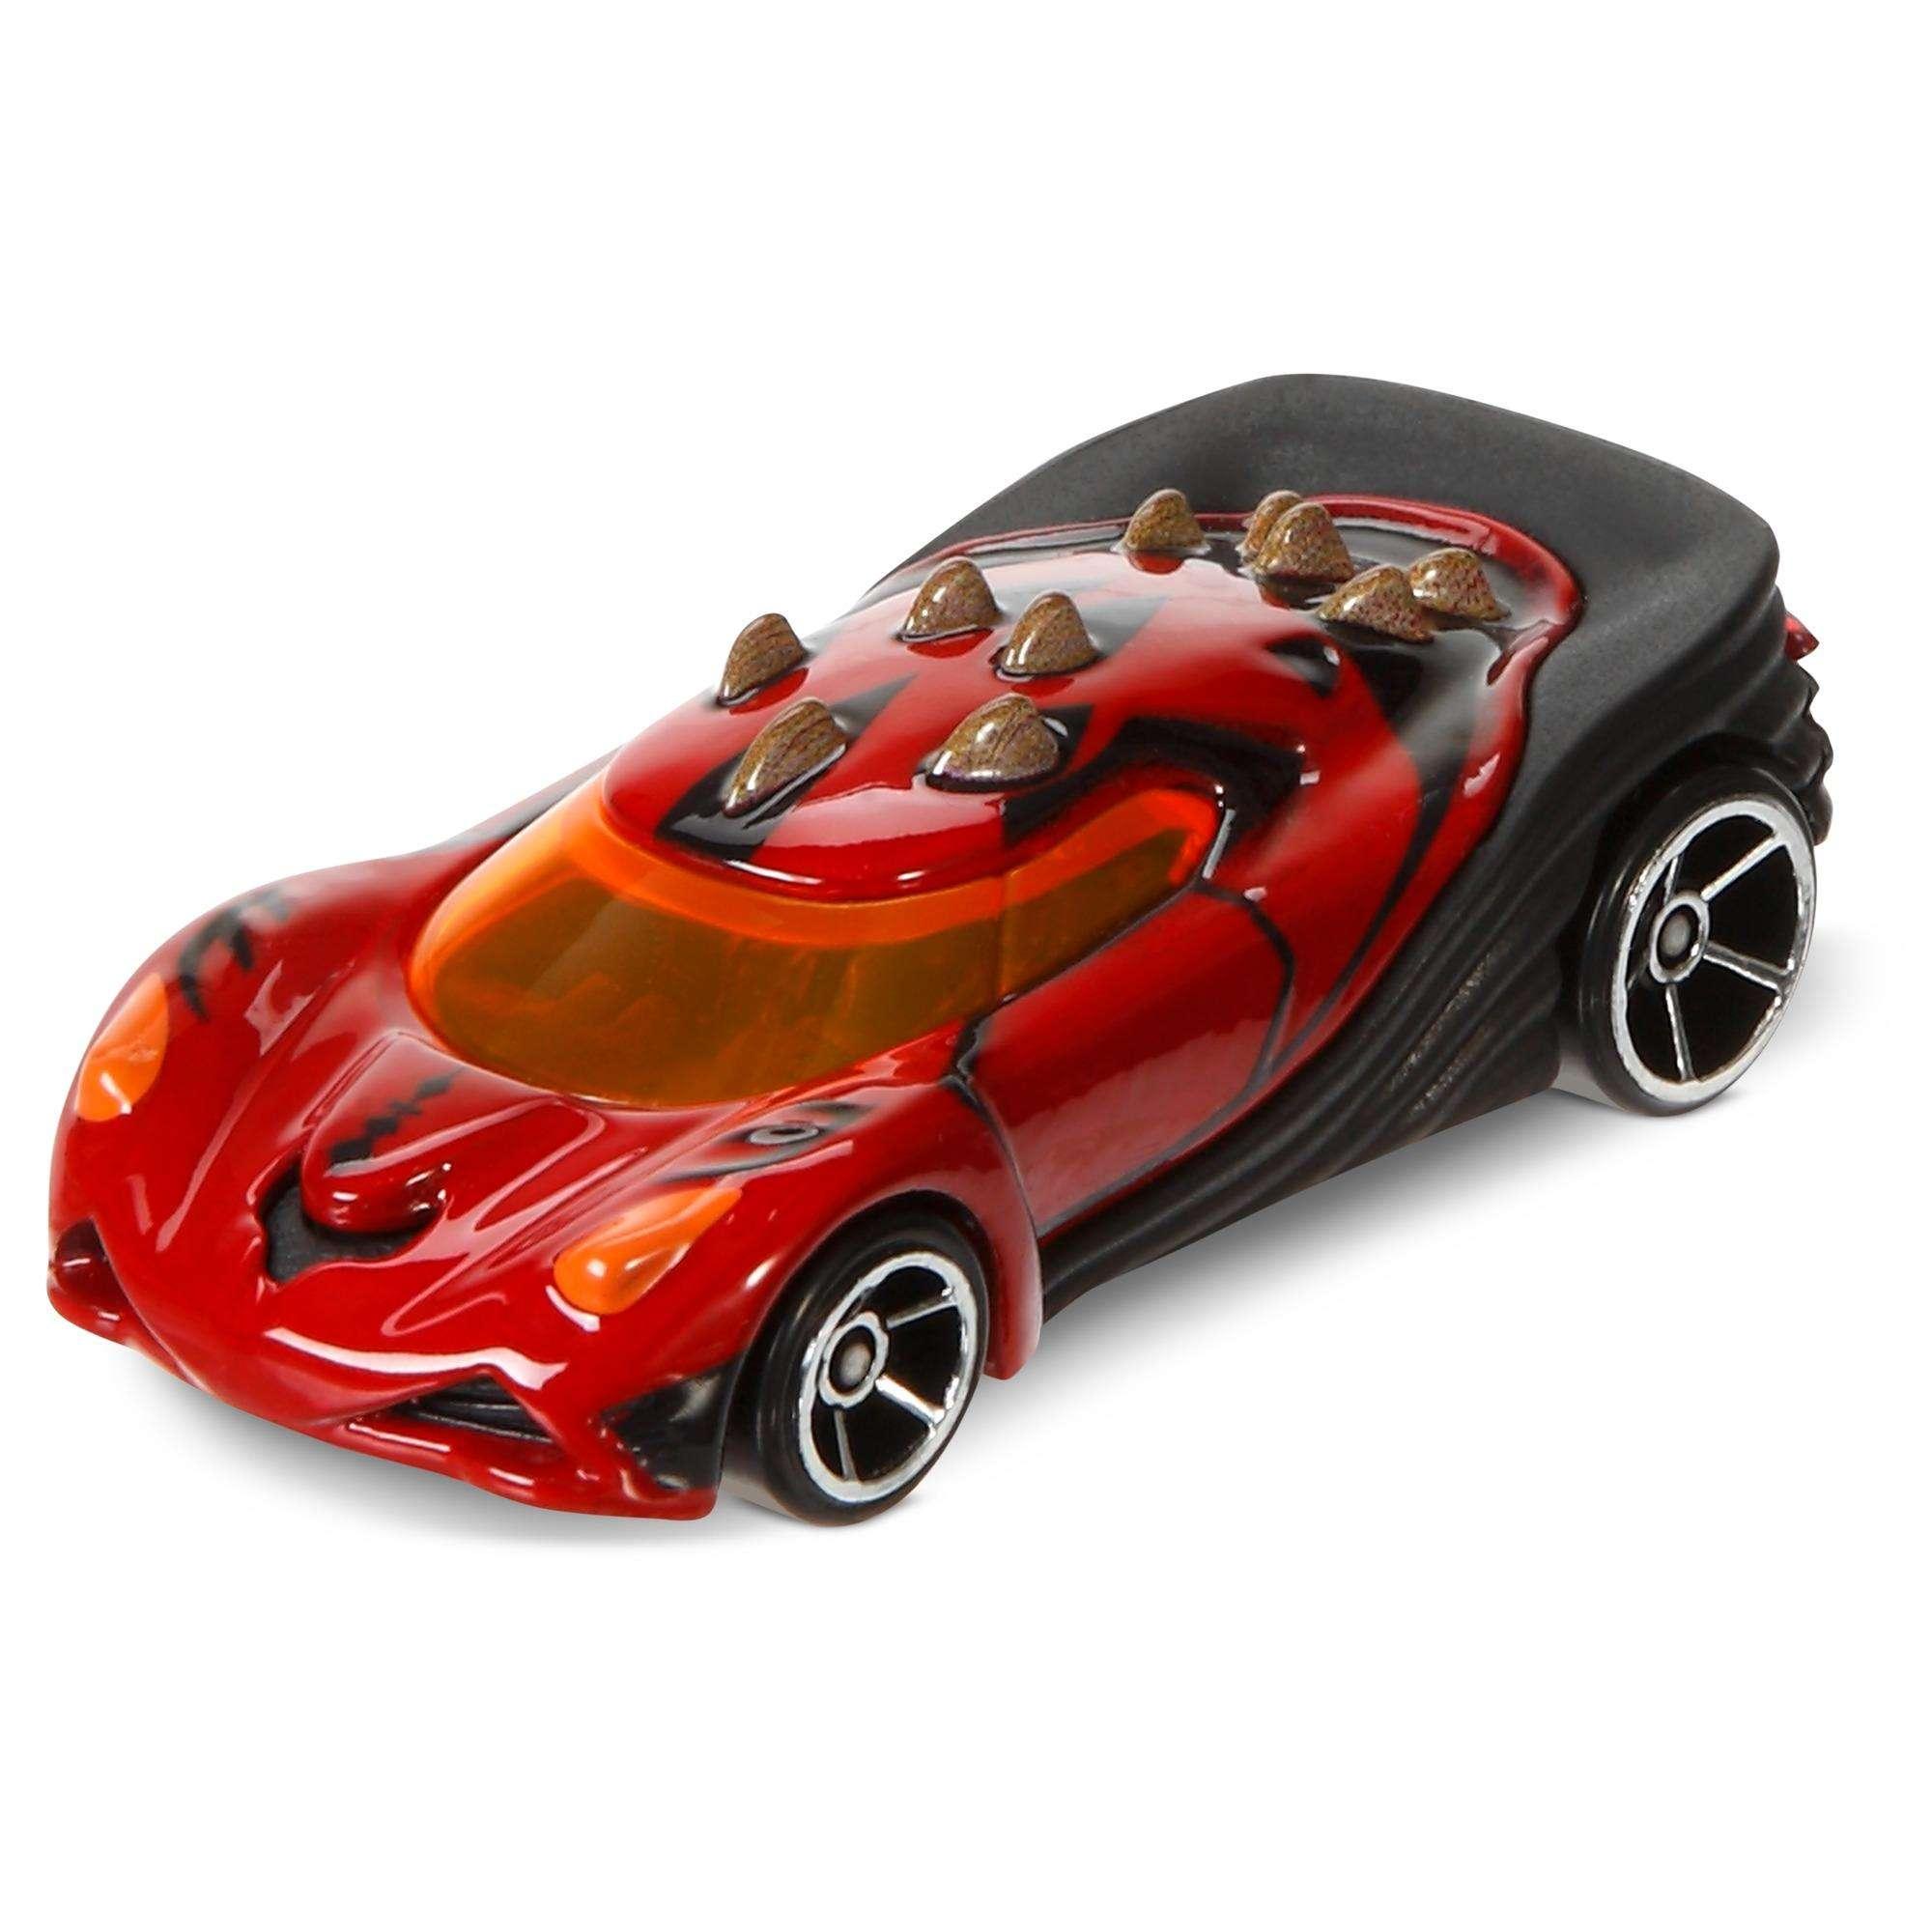 Mattel Hot Wheels Star Wars Darth Maul Vehicle